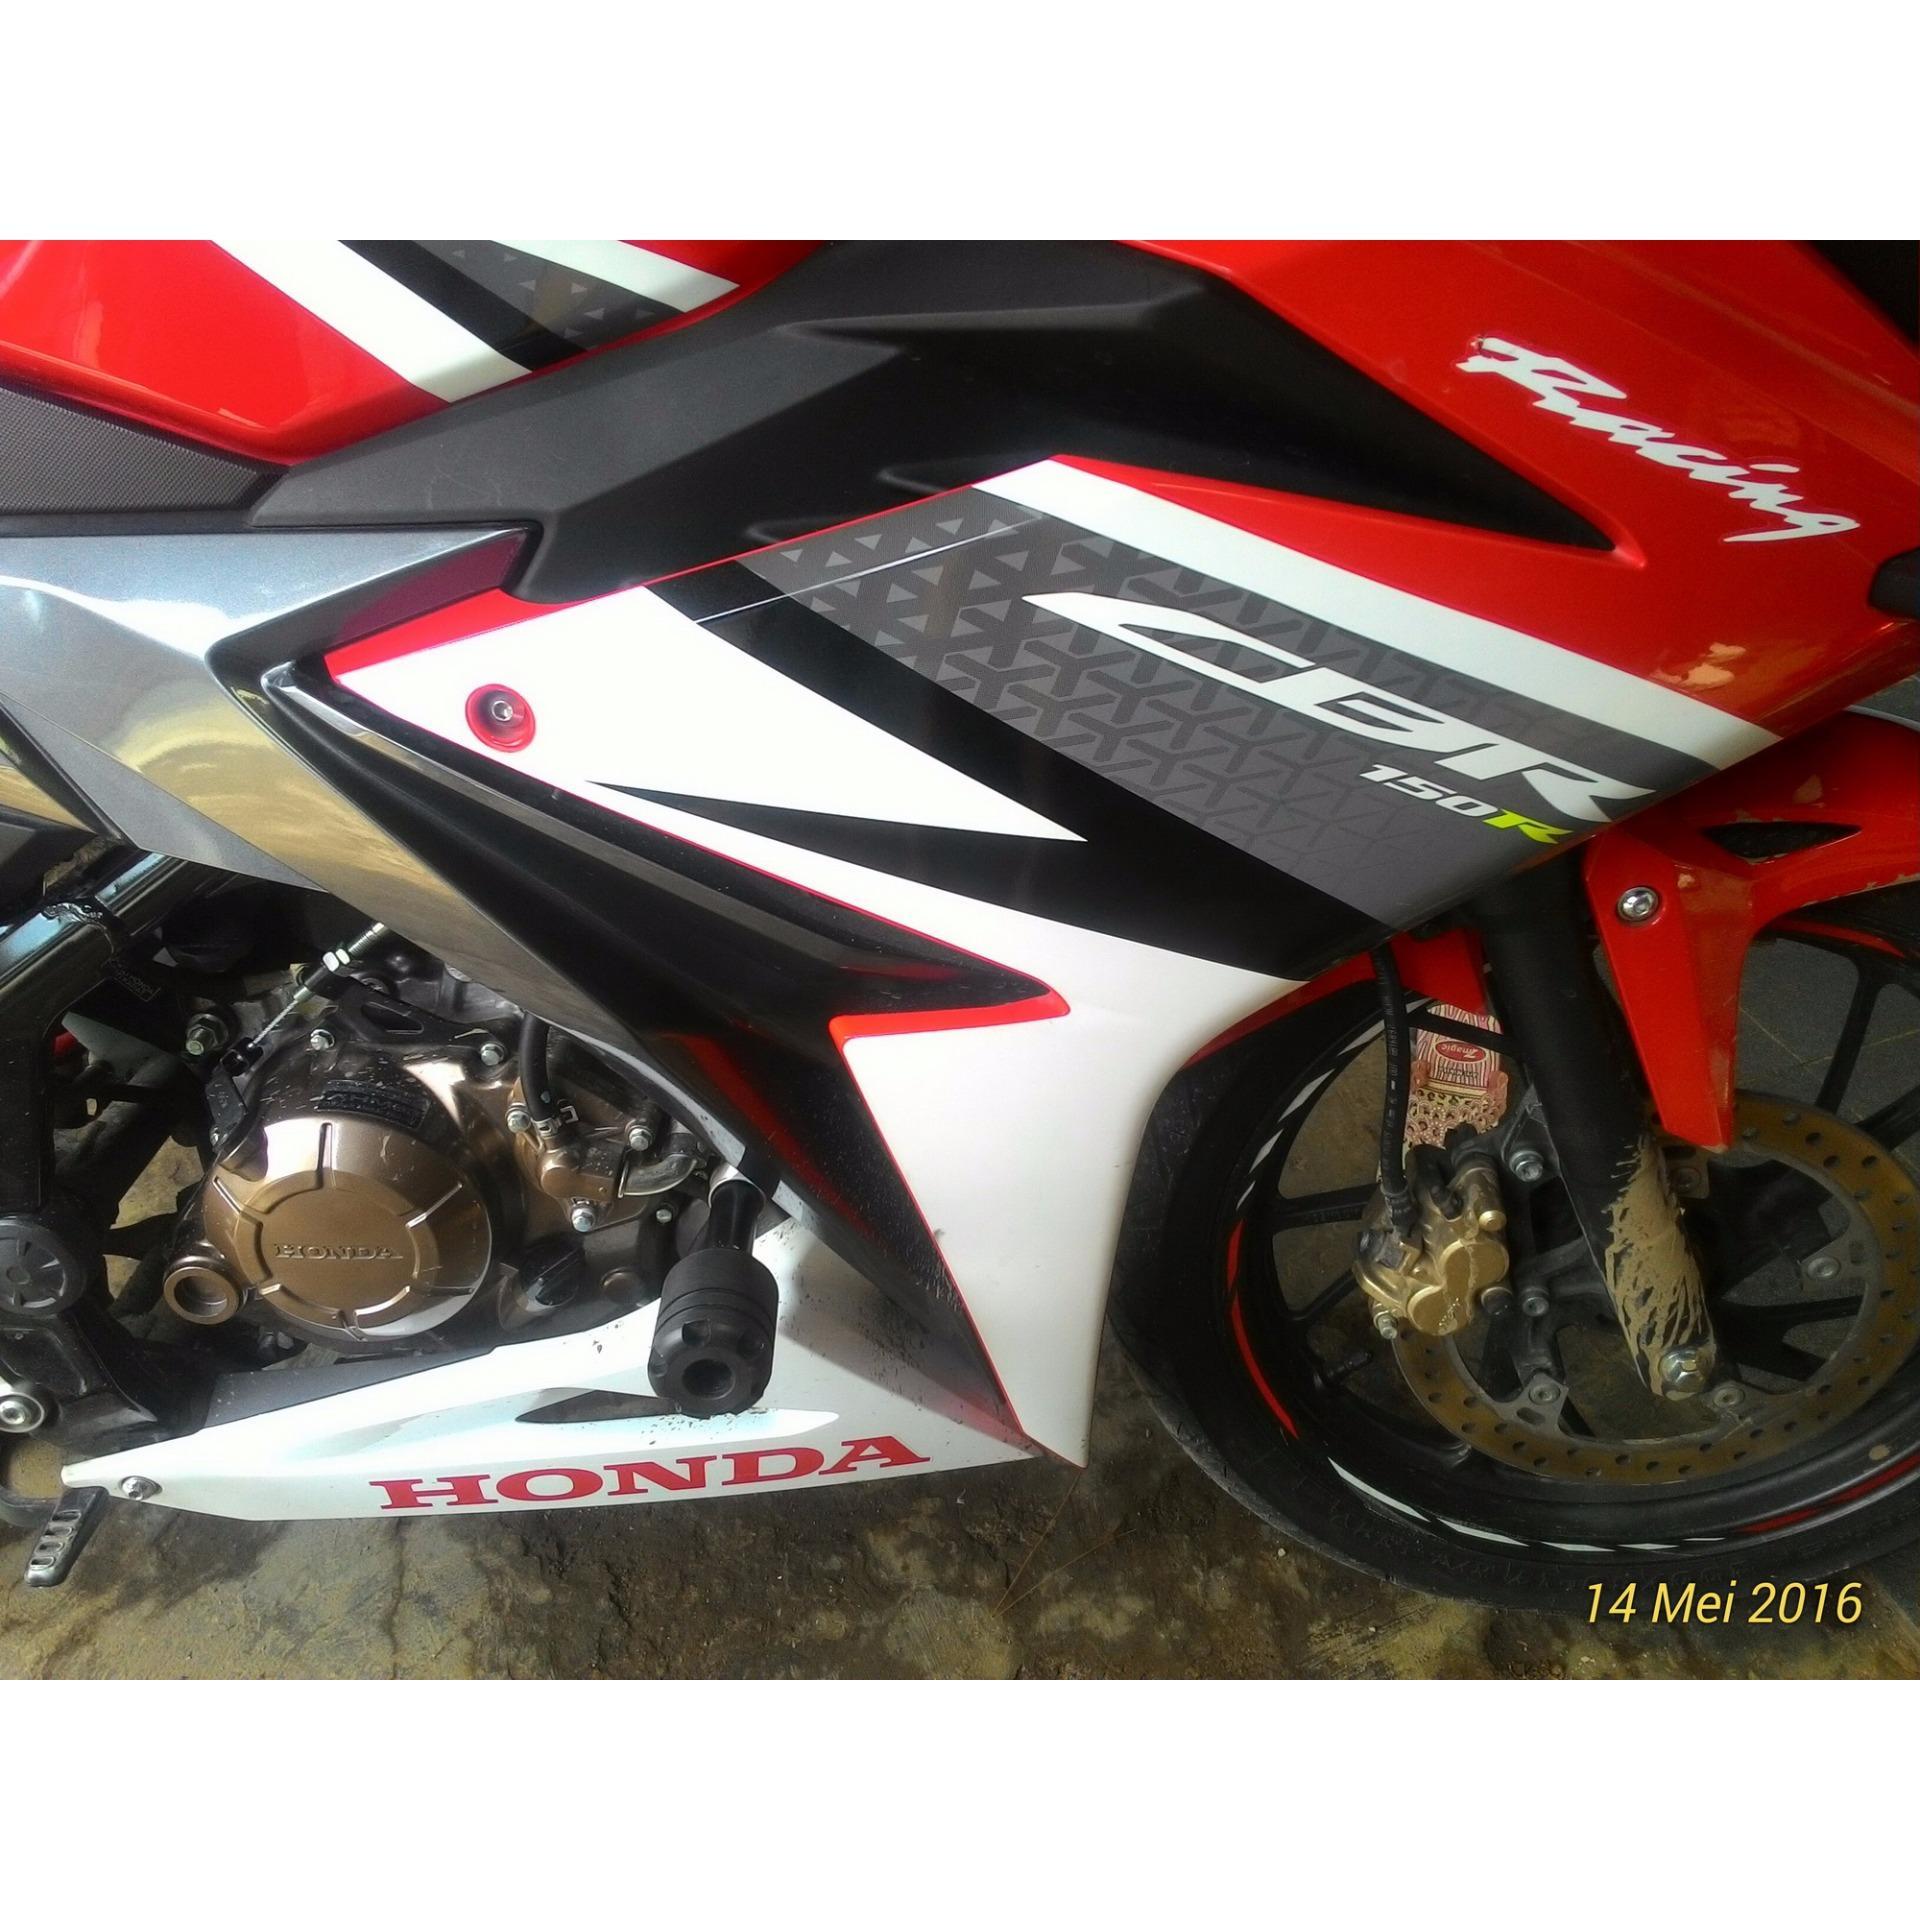 Jual Murah Obral Sticker Body Kiri Red White New Cbr 150r K45g Cable Comp B Throttle Kabel Gas 17920k45n41 Honda All Repsol Edition Otr Jakartatangerangbanten